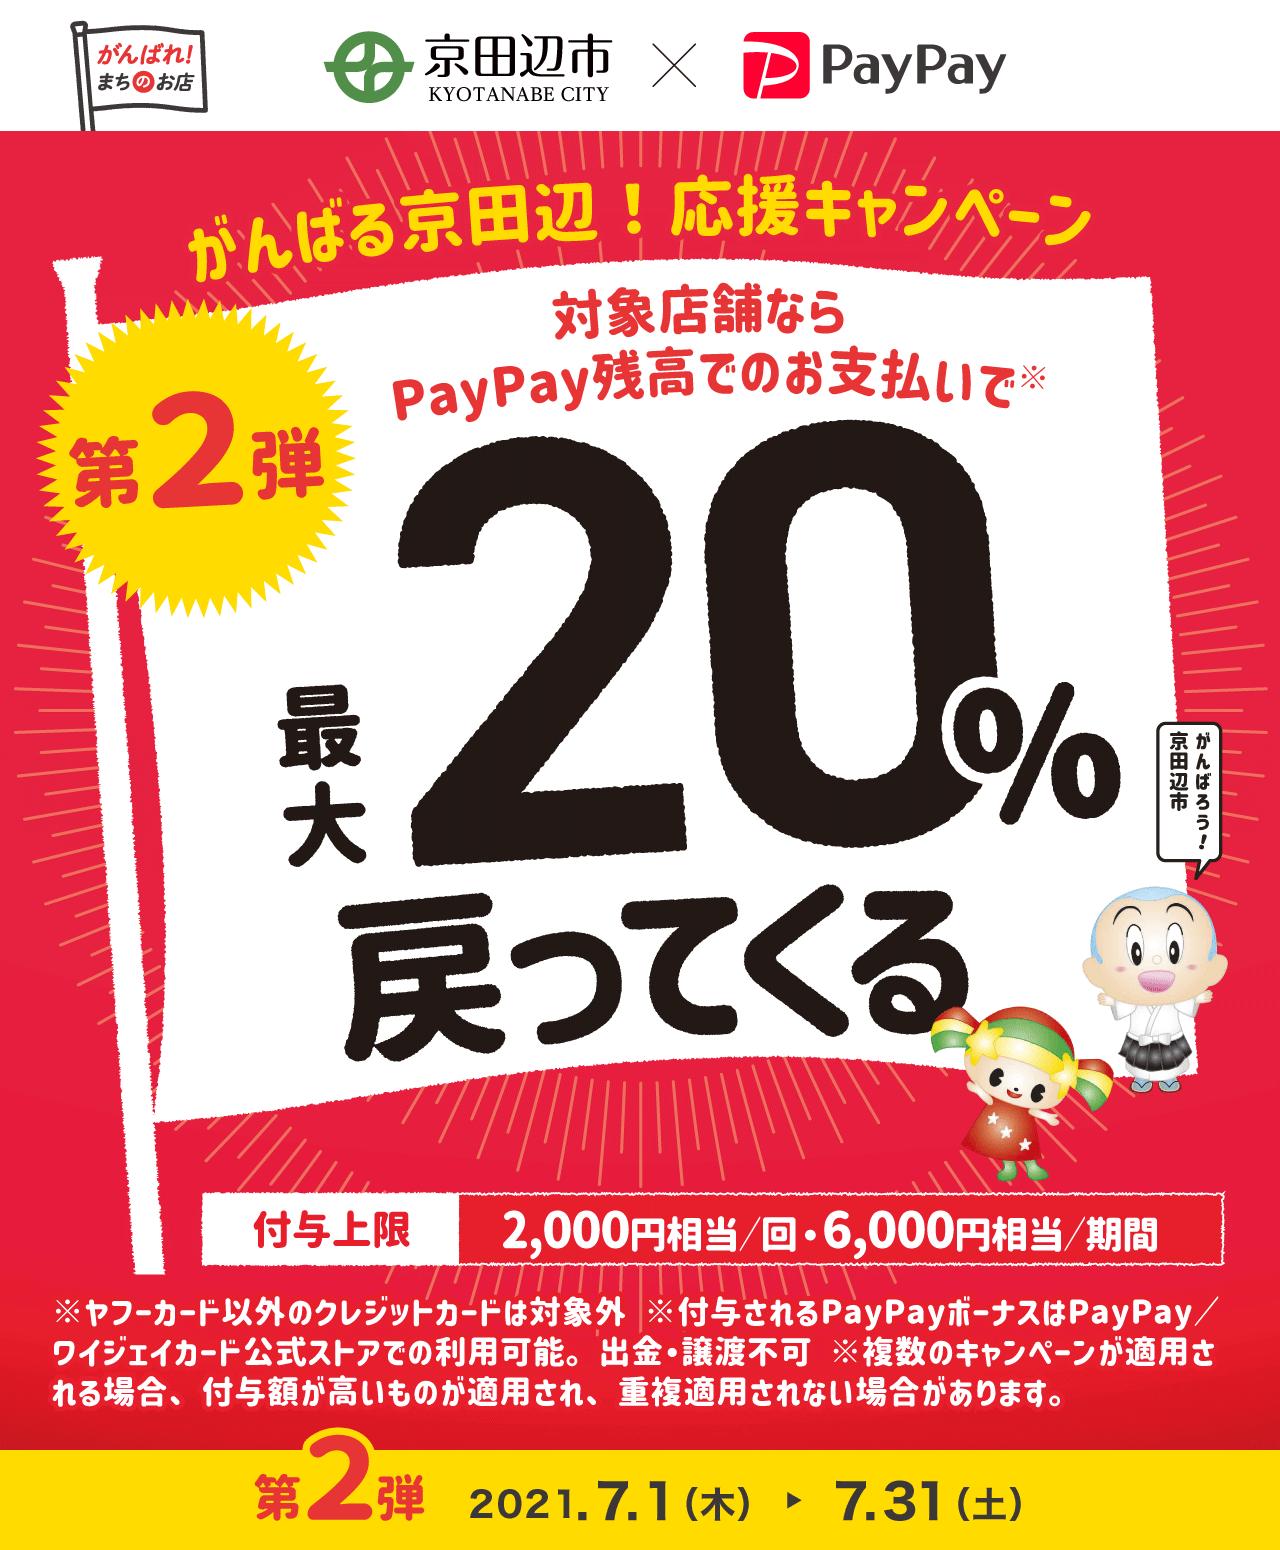 かんばる京田辺!応援キャンペーン 第2弾 対象店舗ならPayPay残高でのお支払いで最大20%戻ってくる